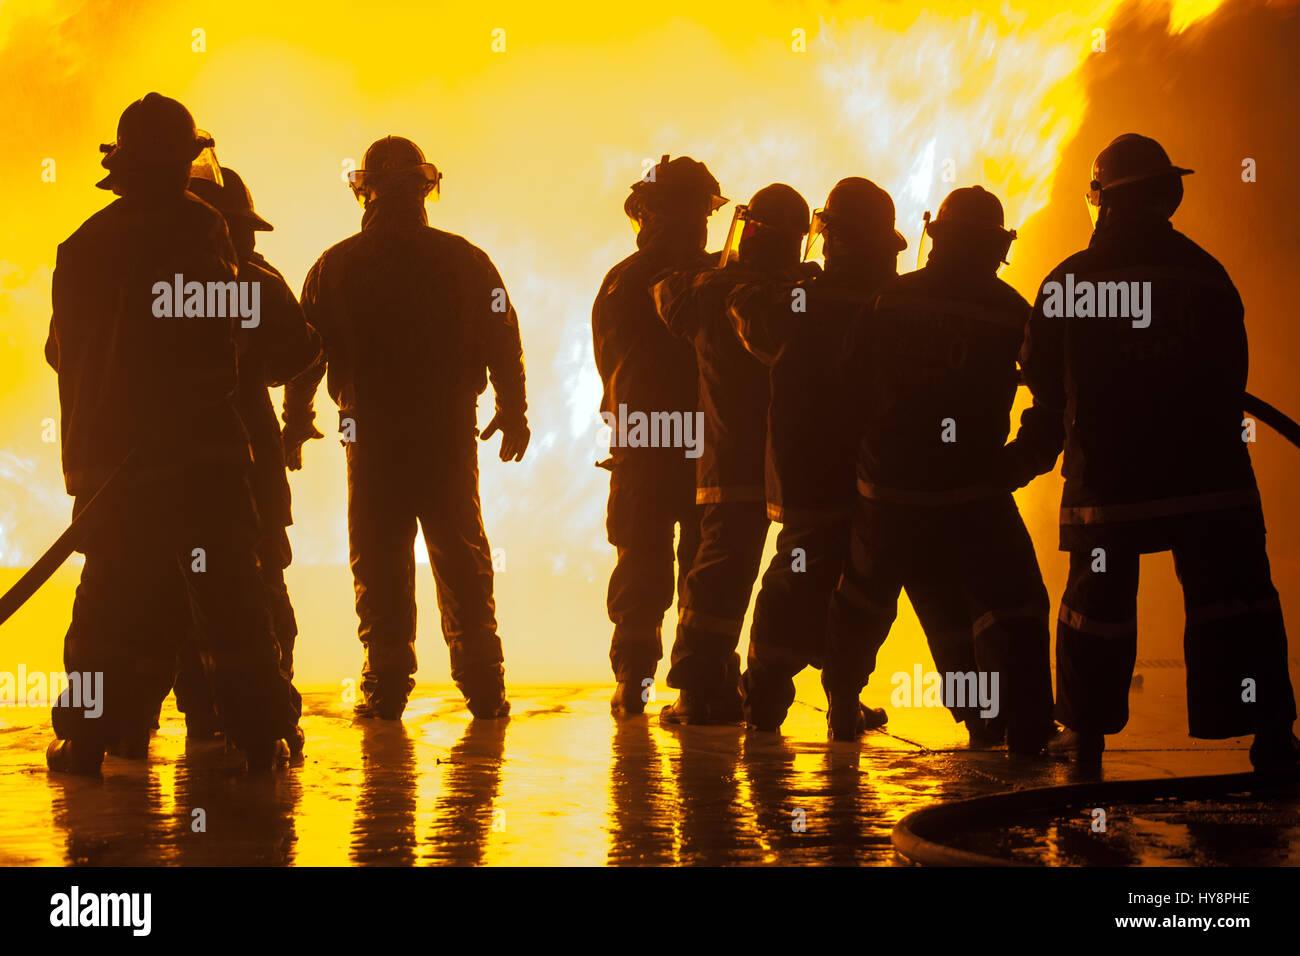 Grupo de ocho bomberos durante el ejercicio de lucha contra incendios Imagen De Stock